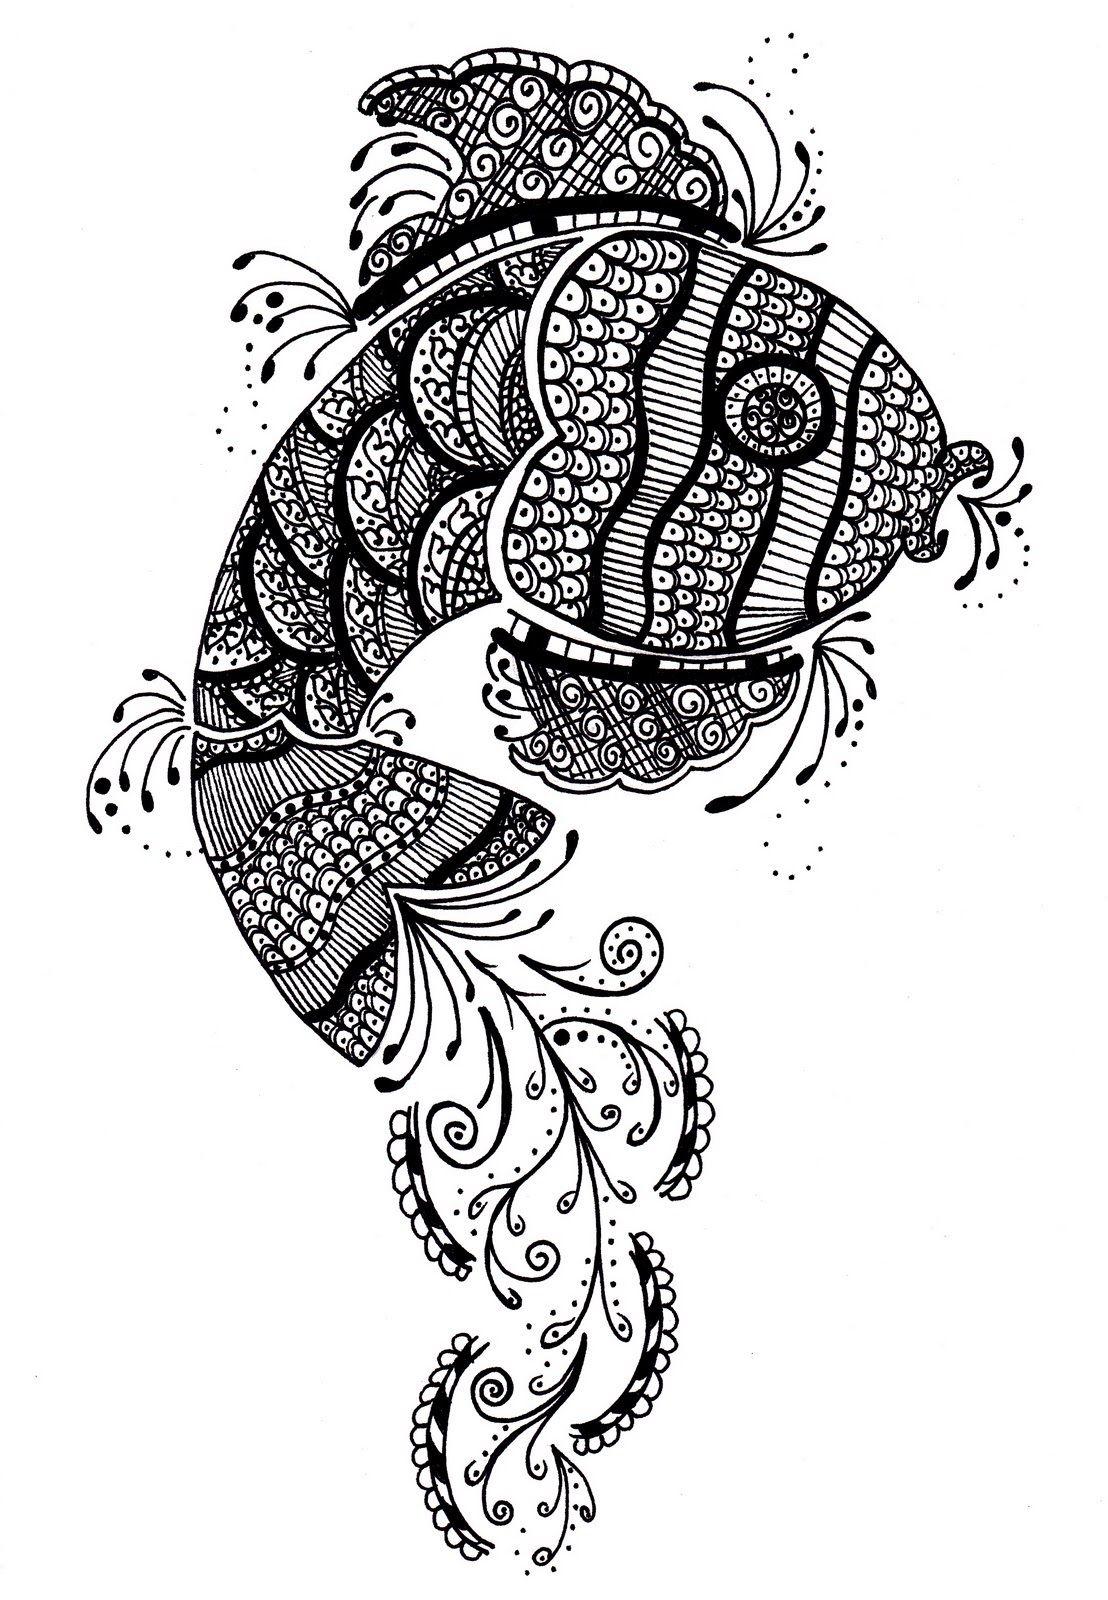 Henna Fish Design Ideal For A Tattoo Dierenillustraties Zentangle Patronen Patronen